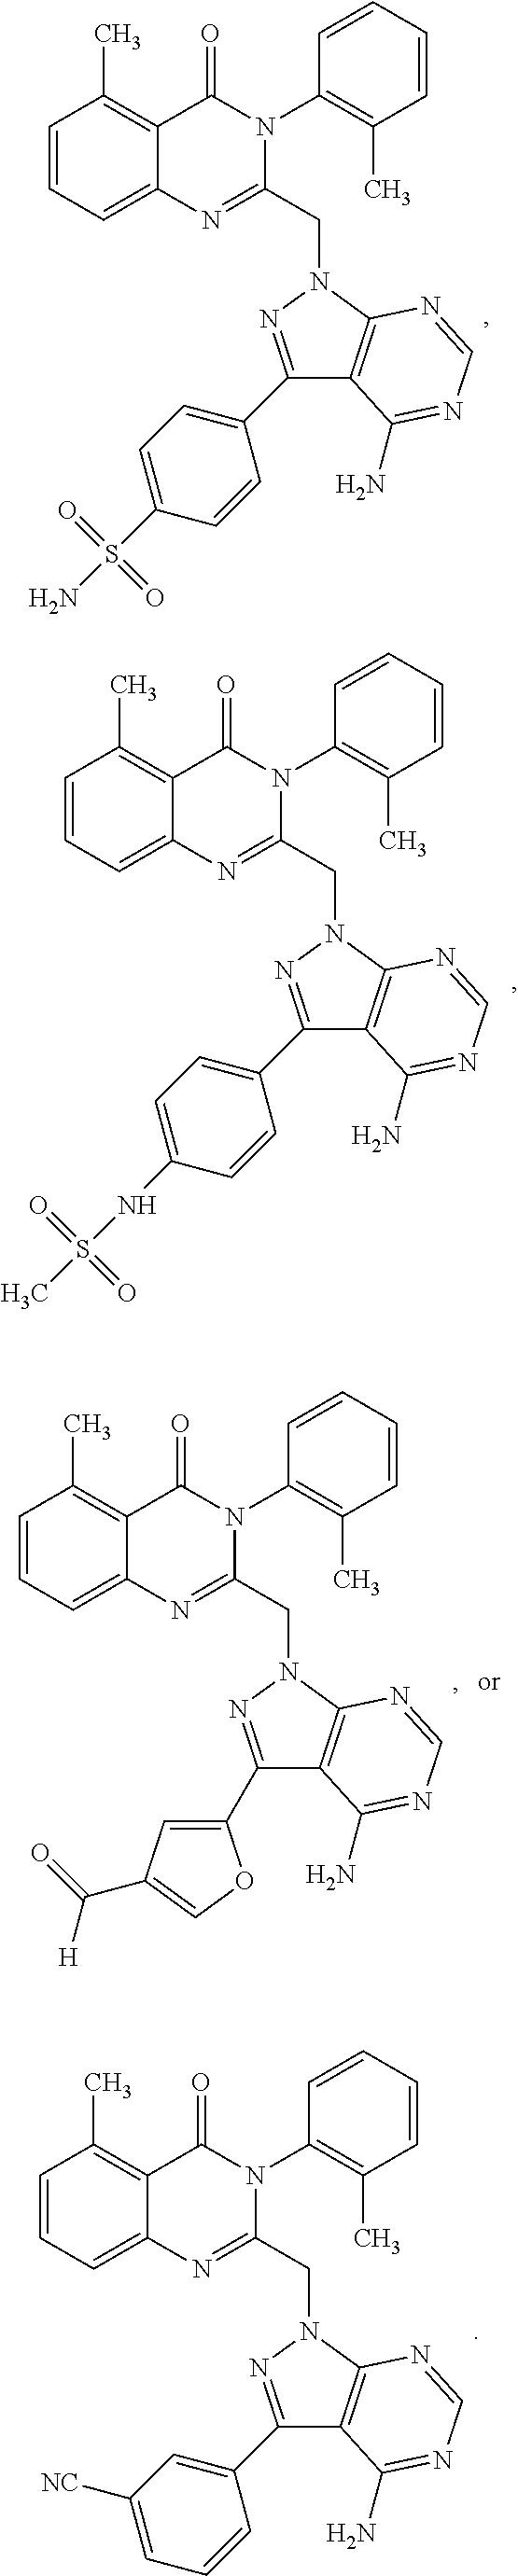 Figure US09493467-20161115-C00043